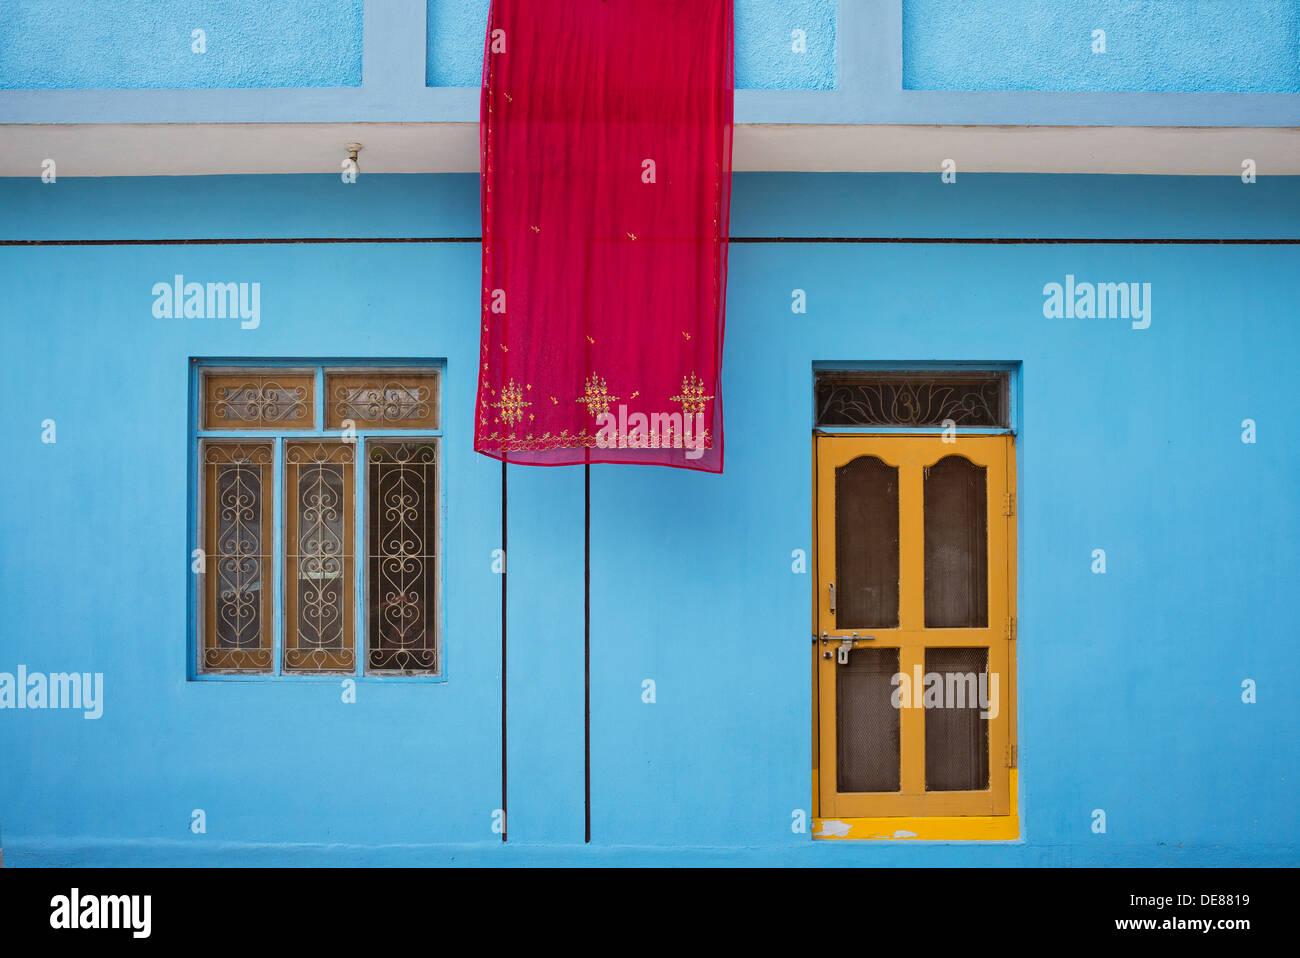 Sari indiani appendere fuori ad asciugare al di fuori di un blu rurale casa indiana. Puttaparthi, Andhra Pradesh, India Immagini Stock